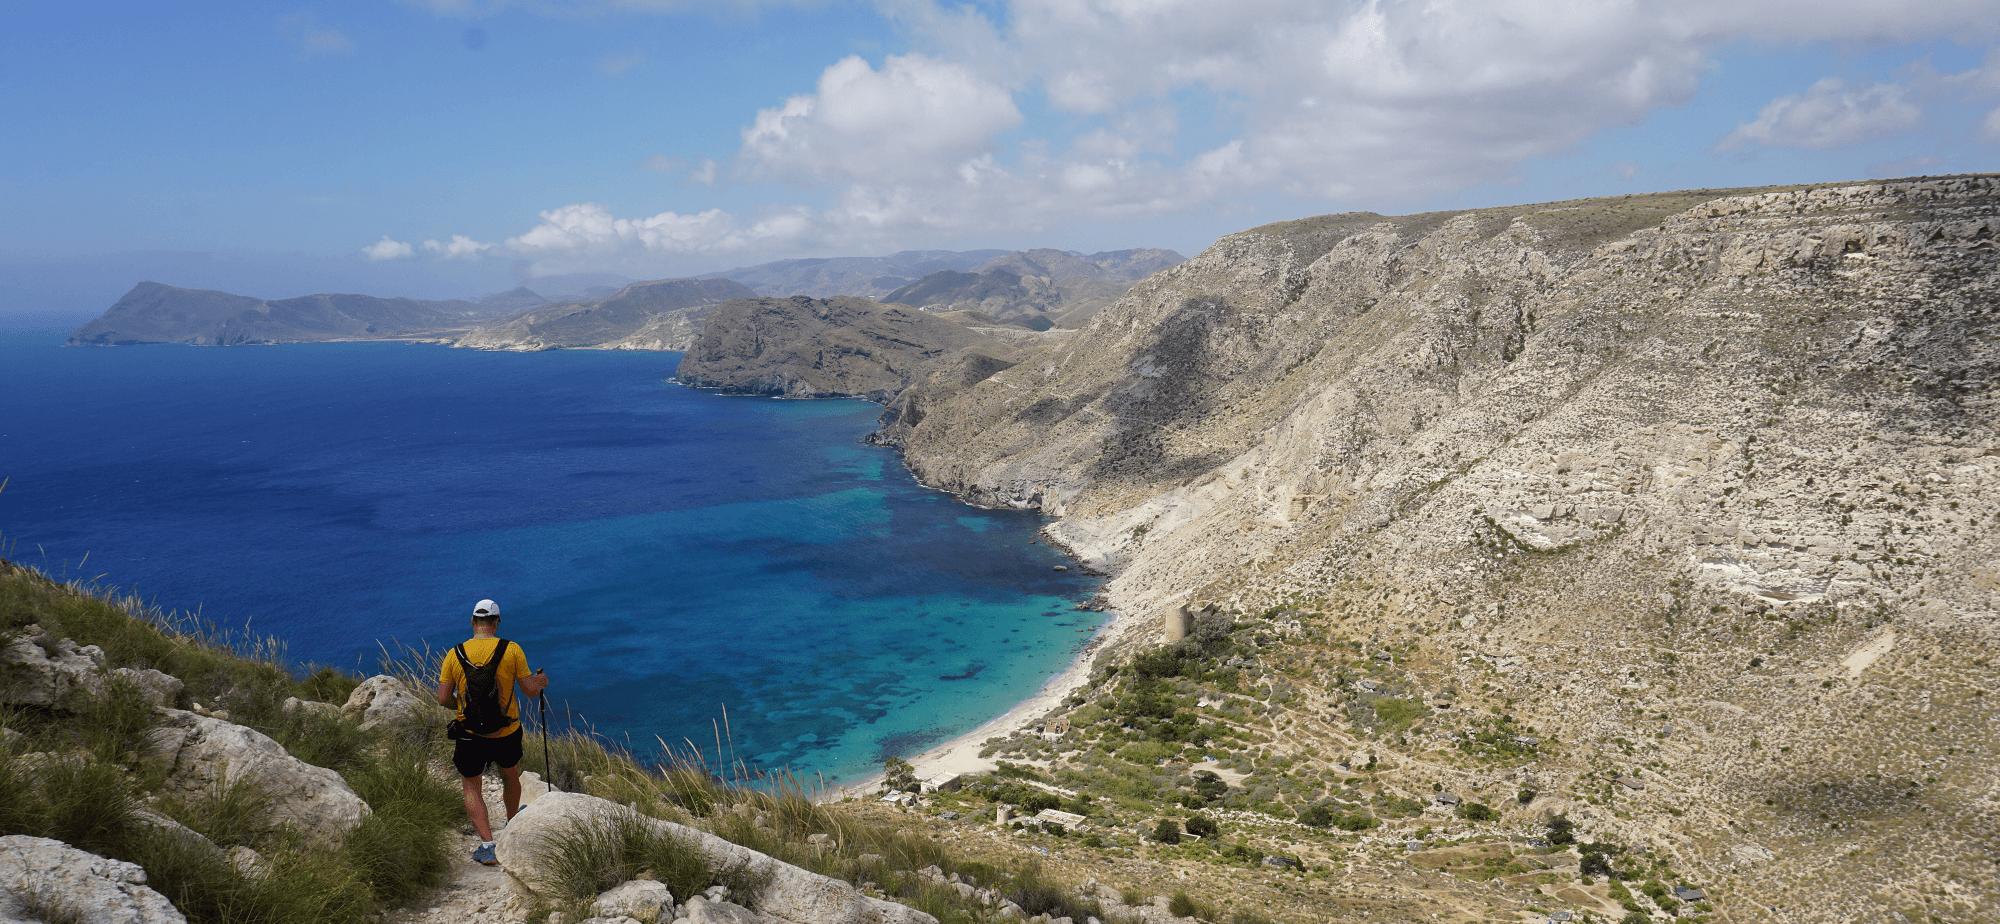 Villages of the Cabo de Gata